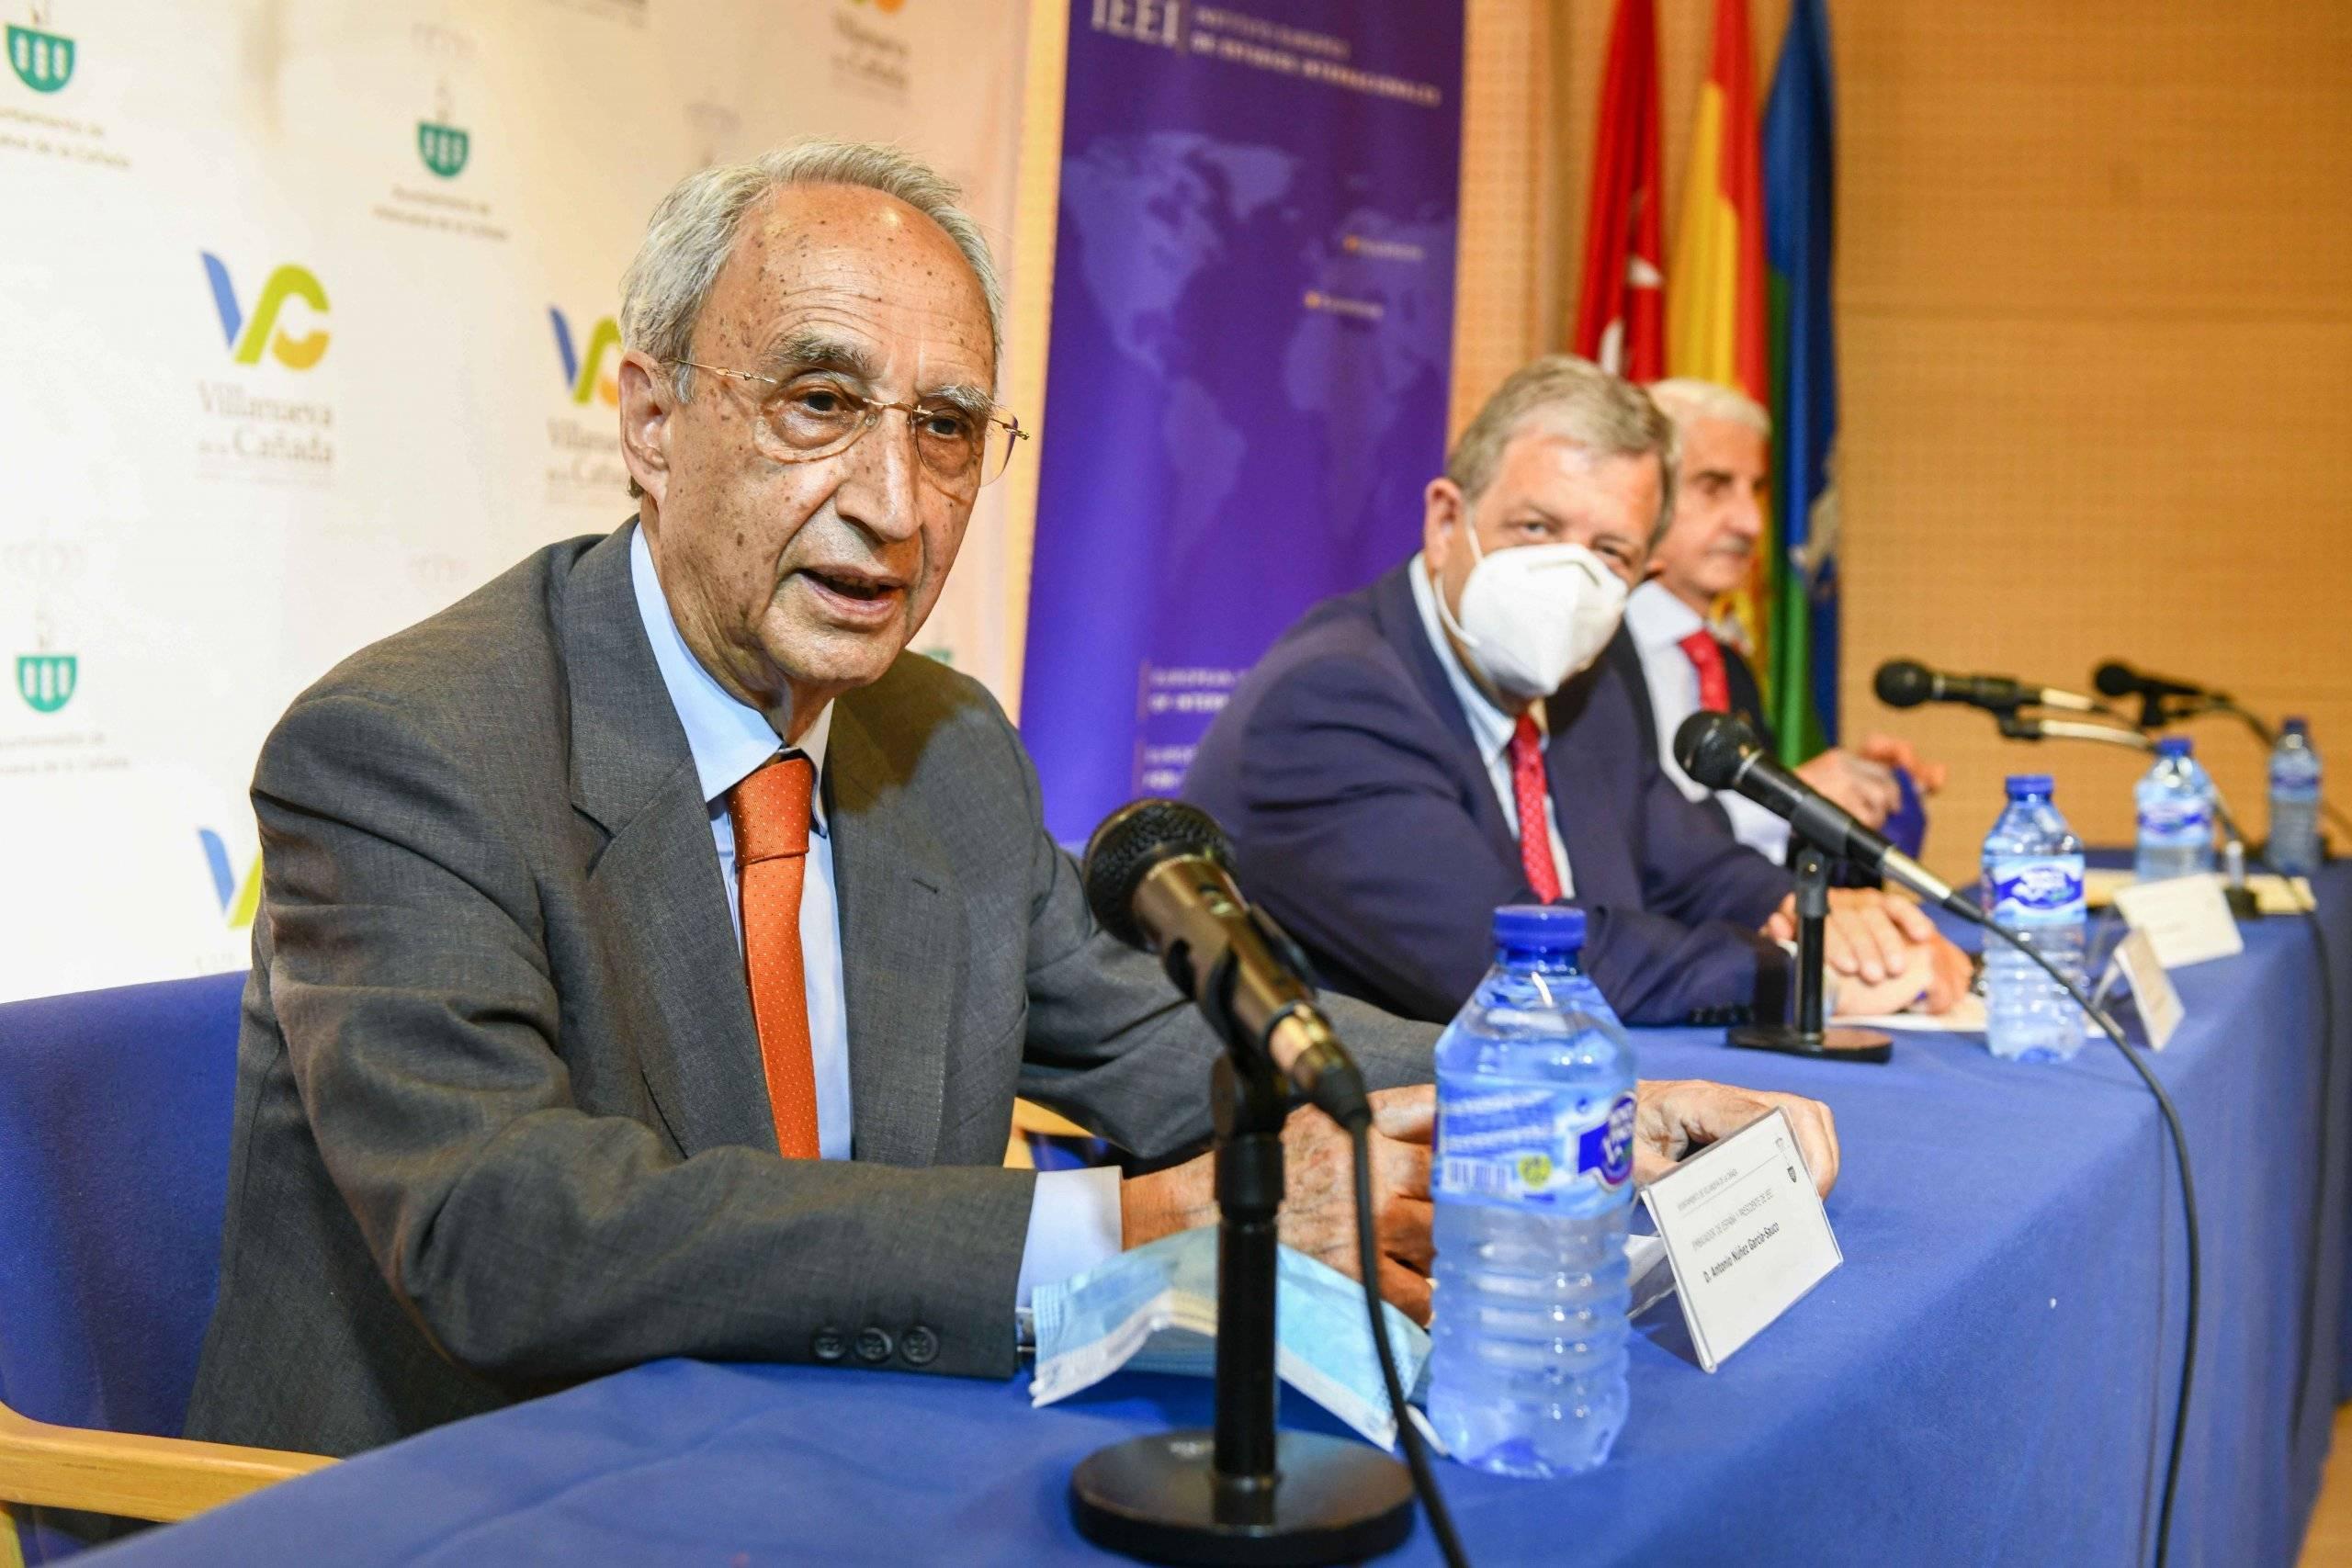 El presidente del IEEI, Antonio Núñez García- Sauco, dirigiéndose a los asistentes a las jornadas.